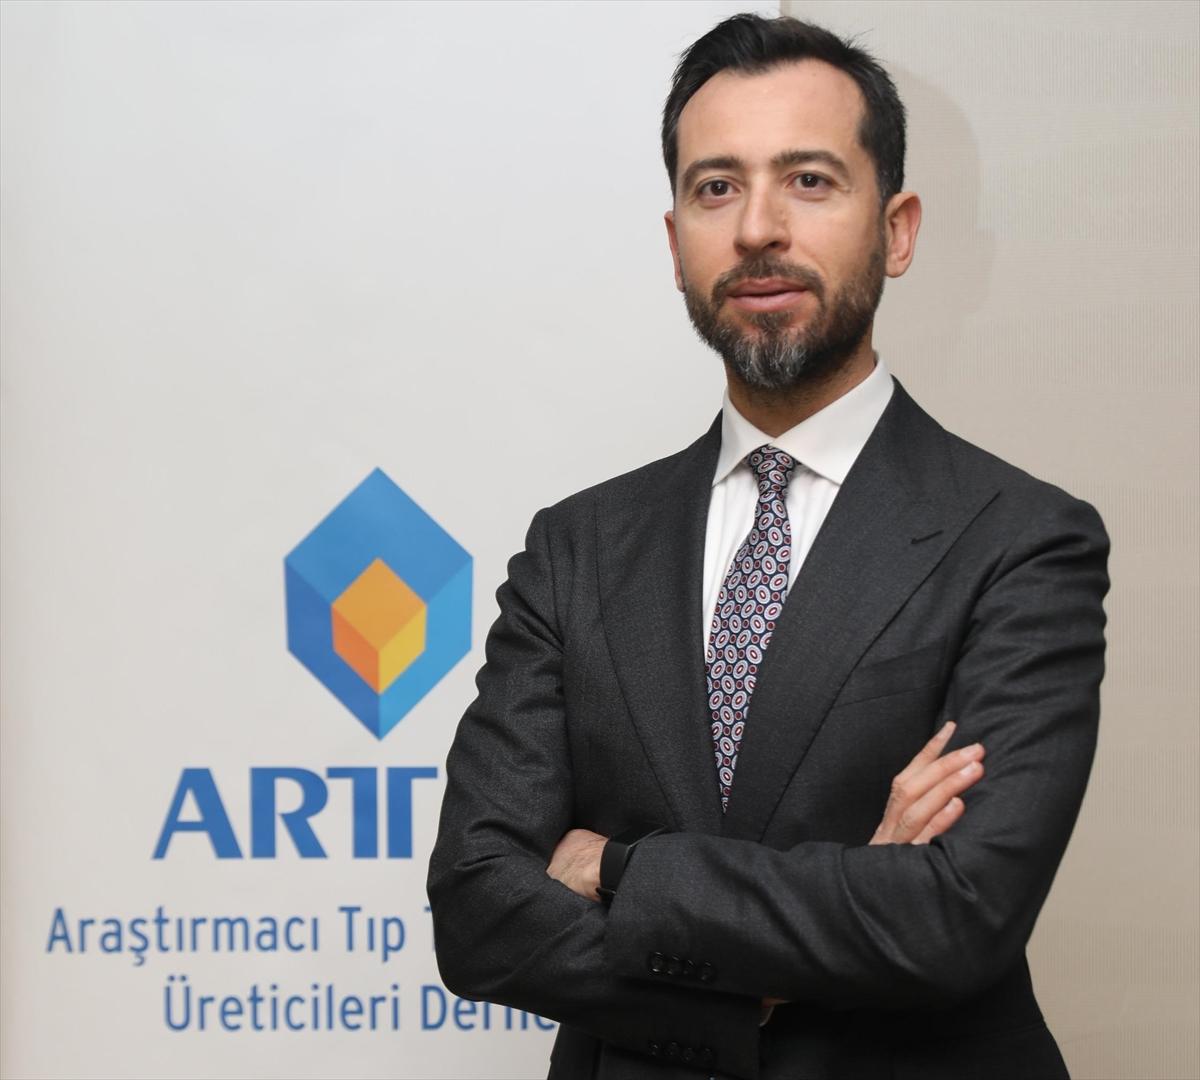 """ARTED Başkanı Ayhan Öztürk: """"Salgın tıbbi cihaz sektörünün önemini ortaya koydu"""""""